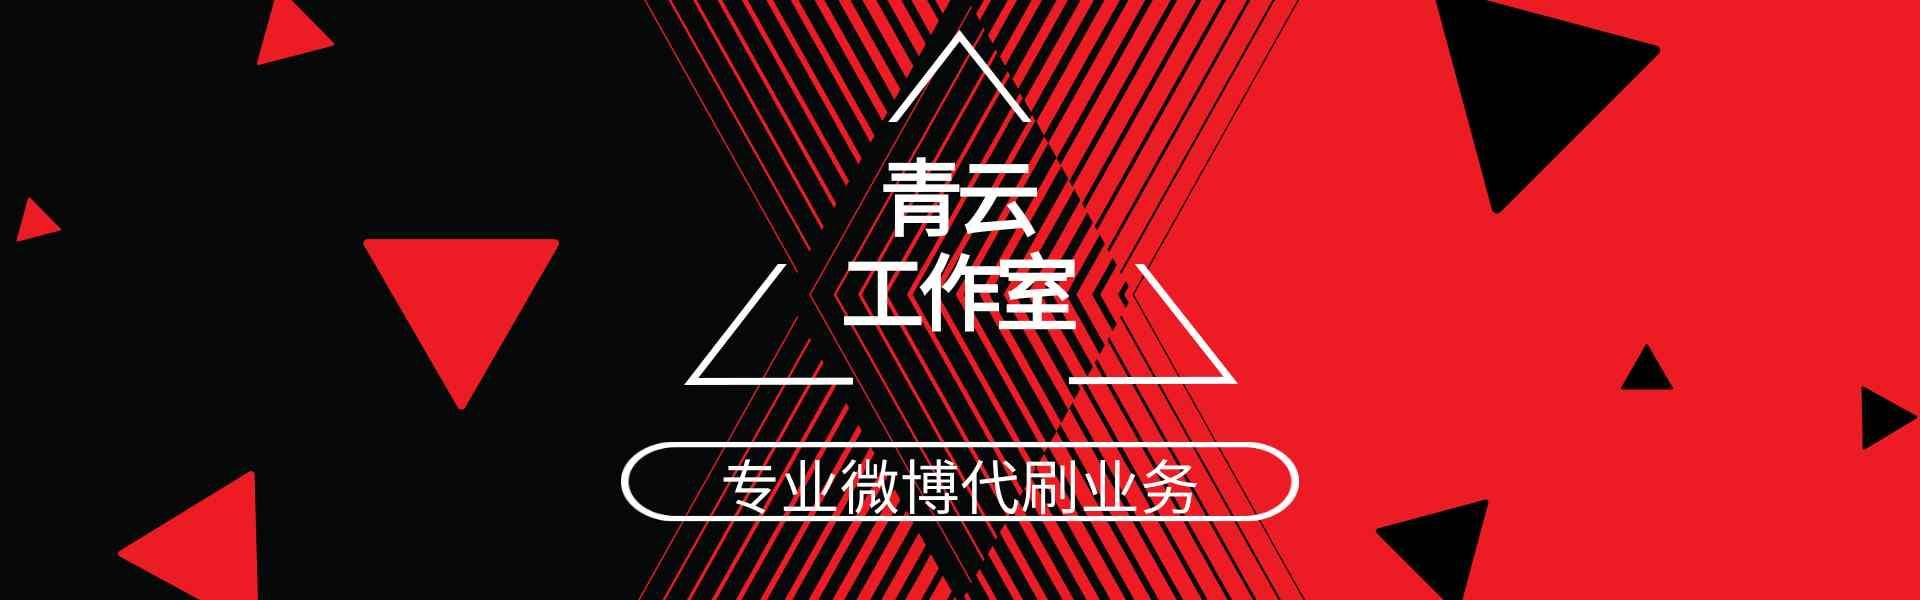 青云工作室的banner